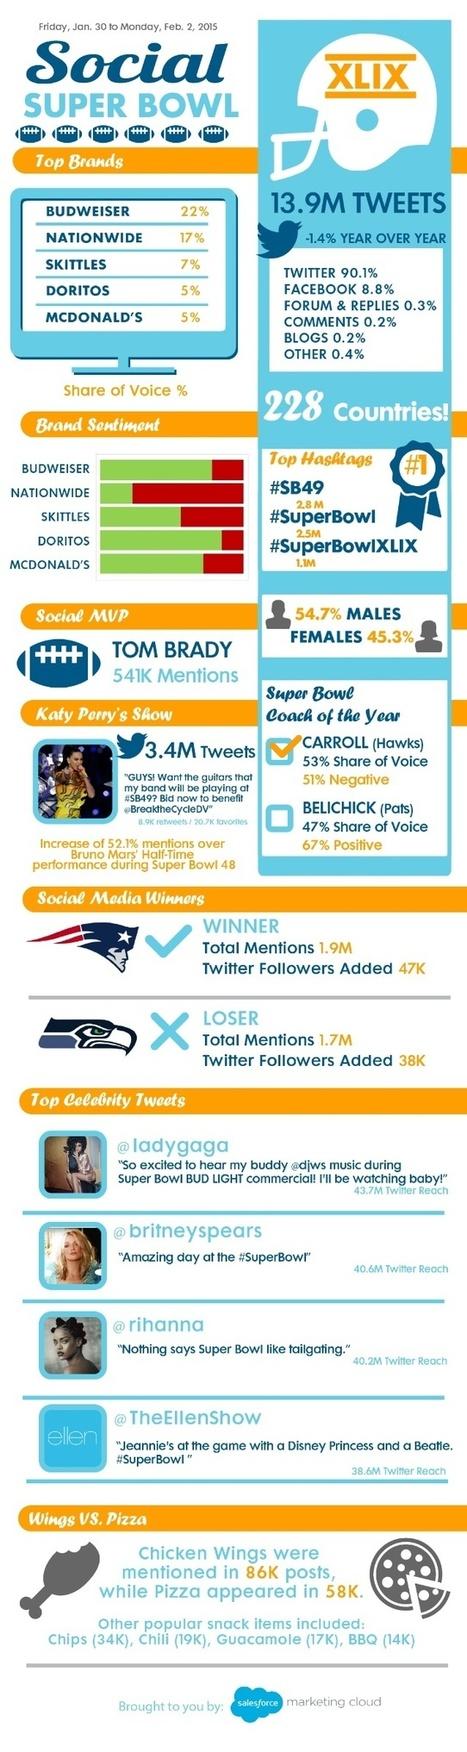 Super Bowl 2015 en Redes Sociales #infografia #infographic #socialmedia | Seo, Social Media Marketing | Scoop.it